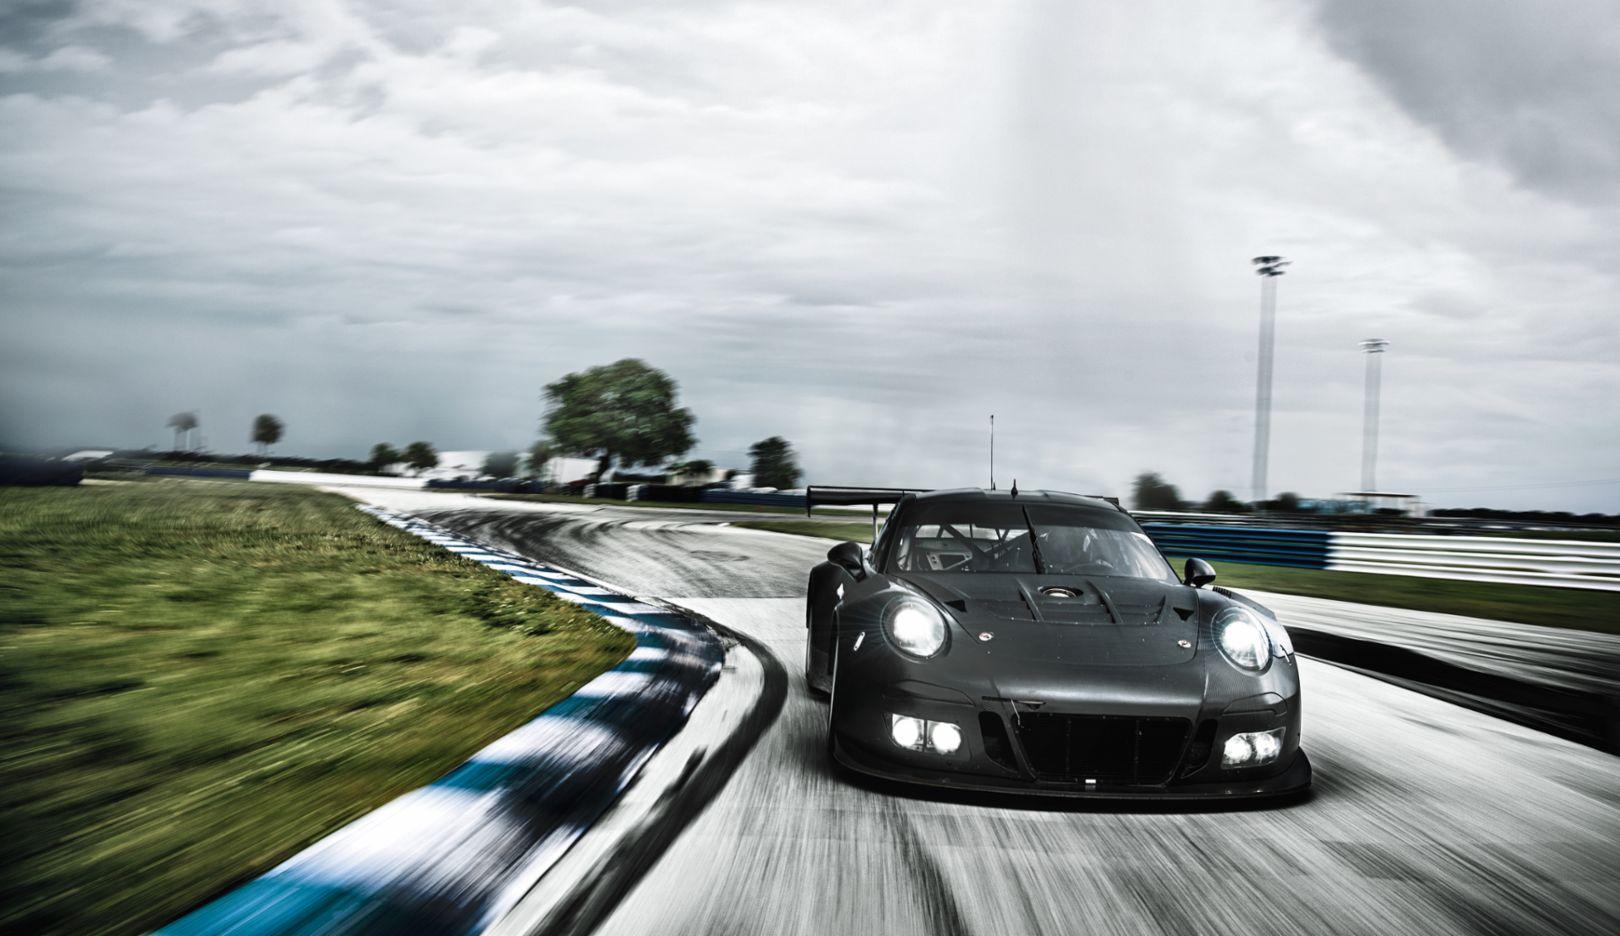 911 GT3 R, 30-Stunden-Absicherungs-Dauerlauf, Sebring, Nordamerika, 2015, Porsche AG